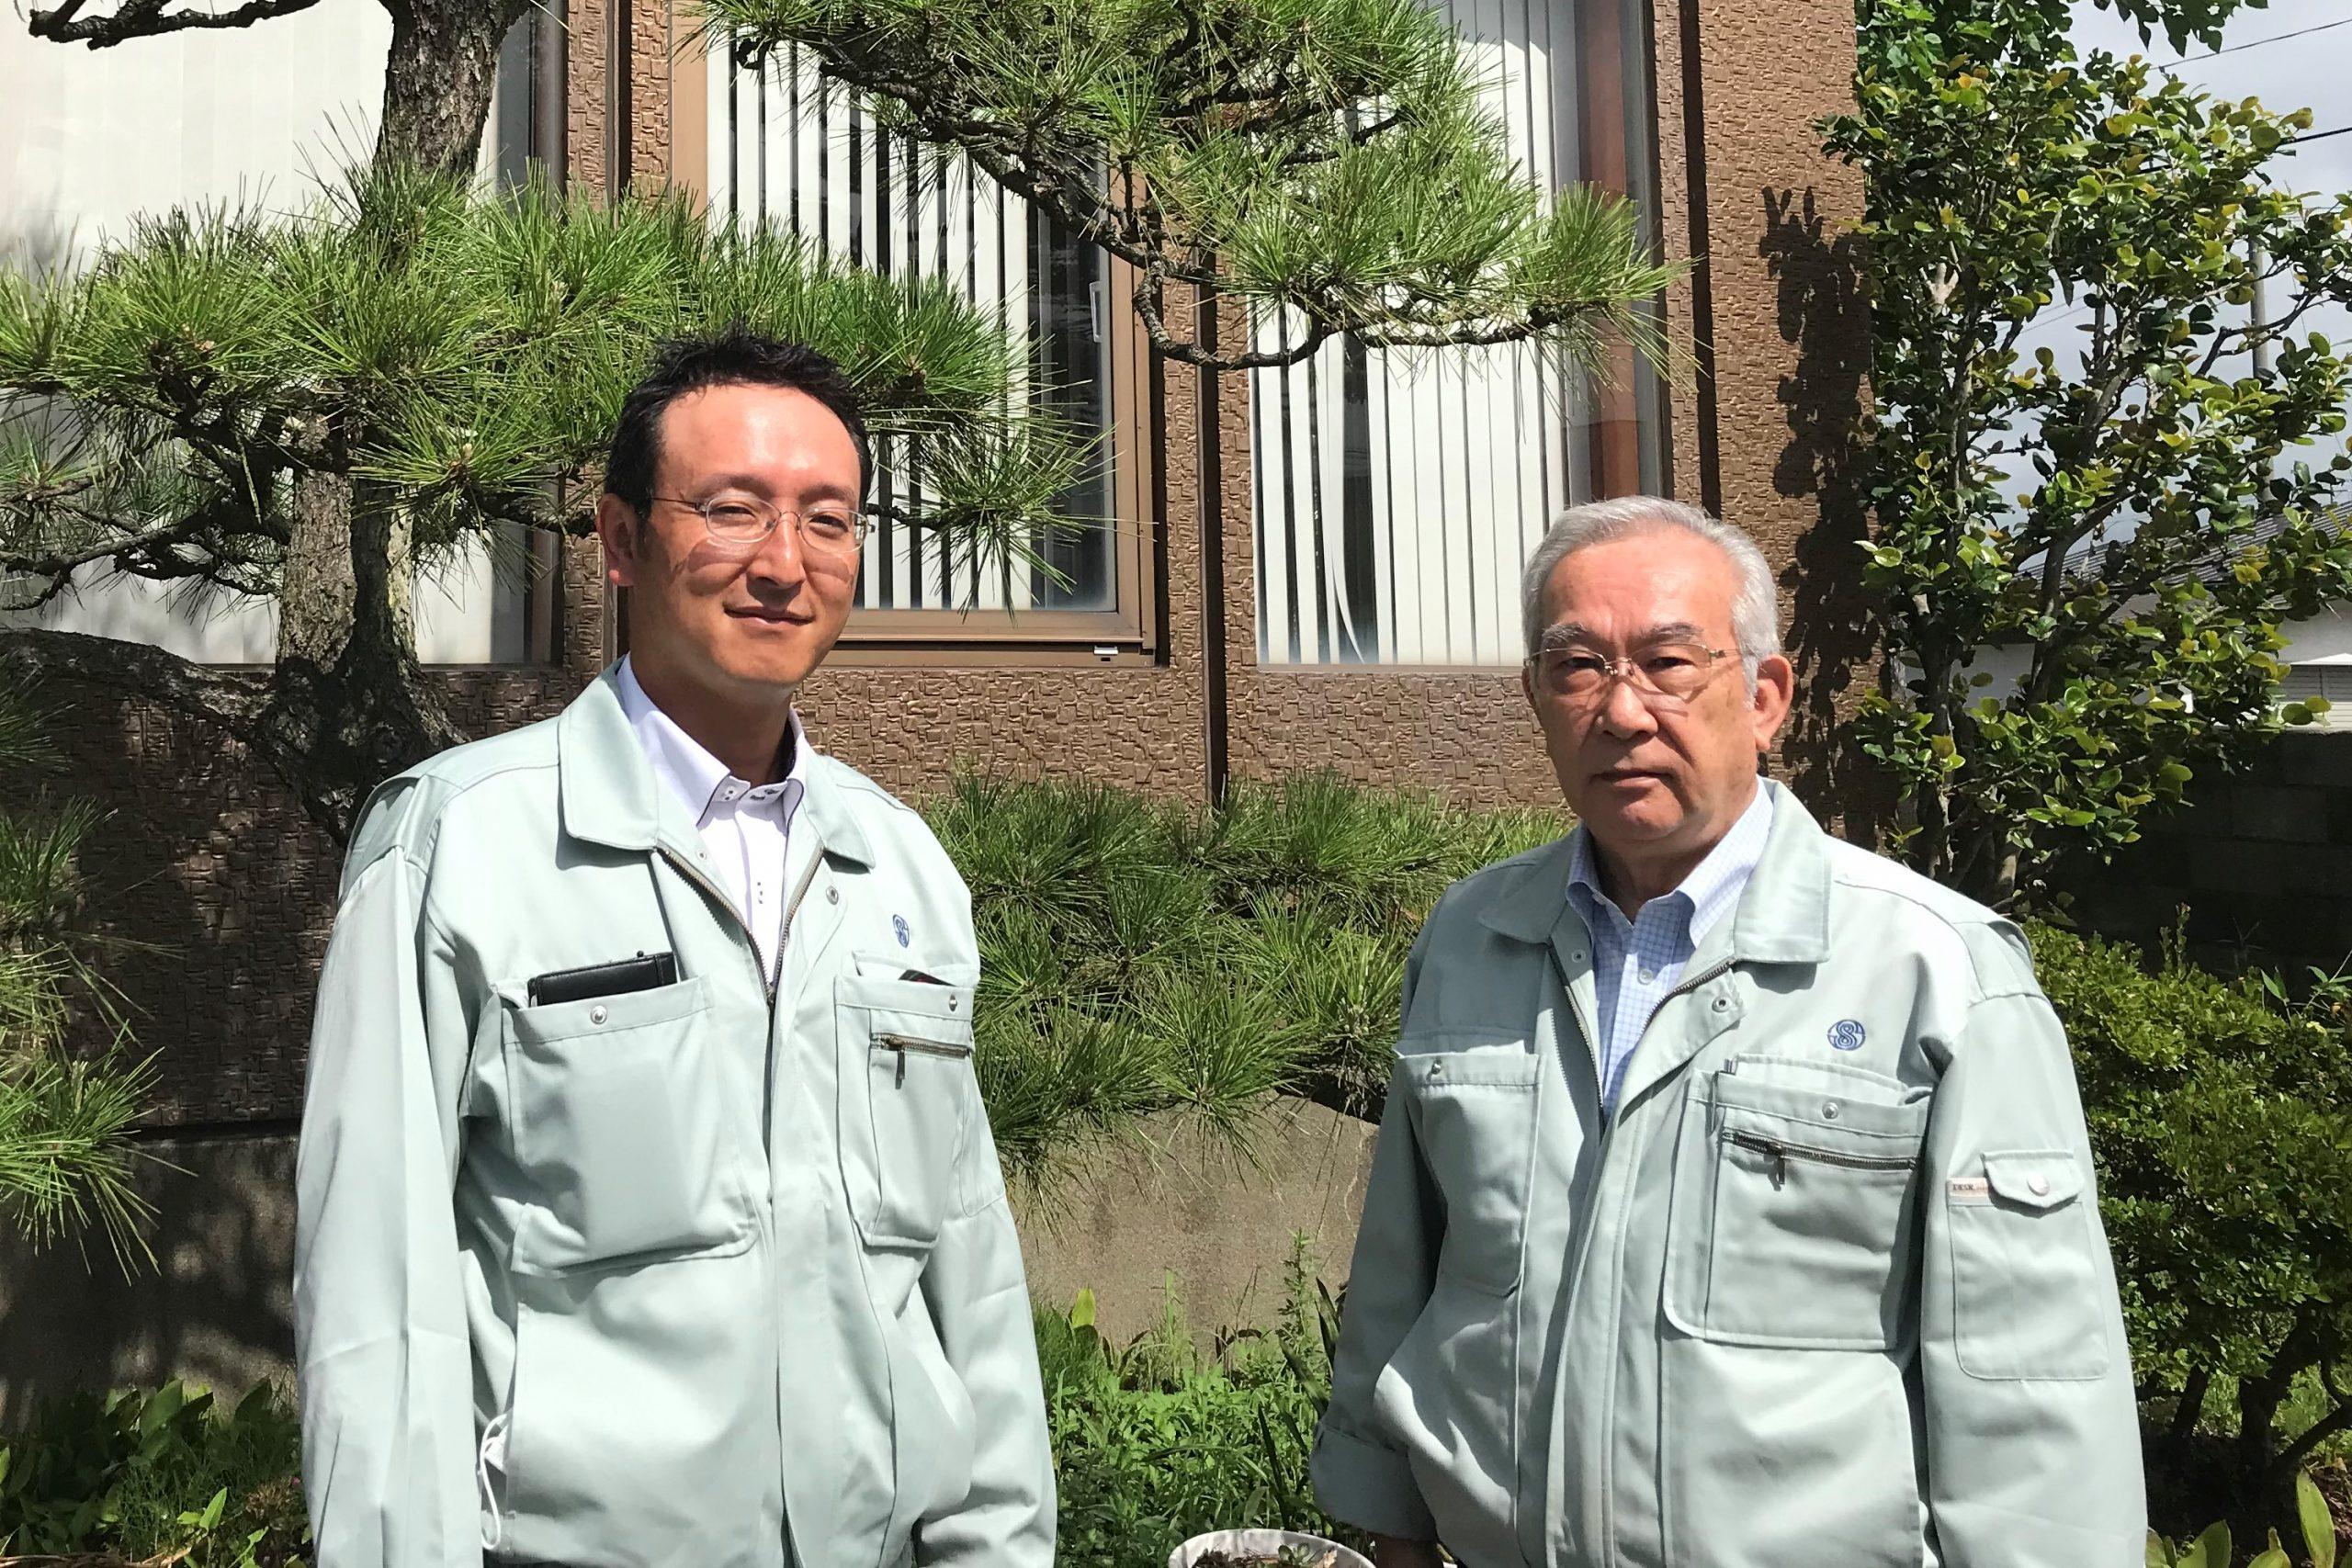 明治からインフラ整備を担う秋田の「清水組」。次の世代へ、建設業で歴史のバトンをつなぐ